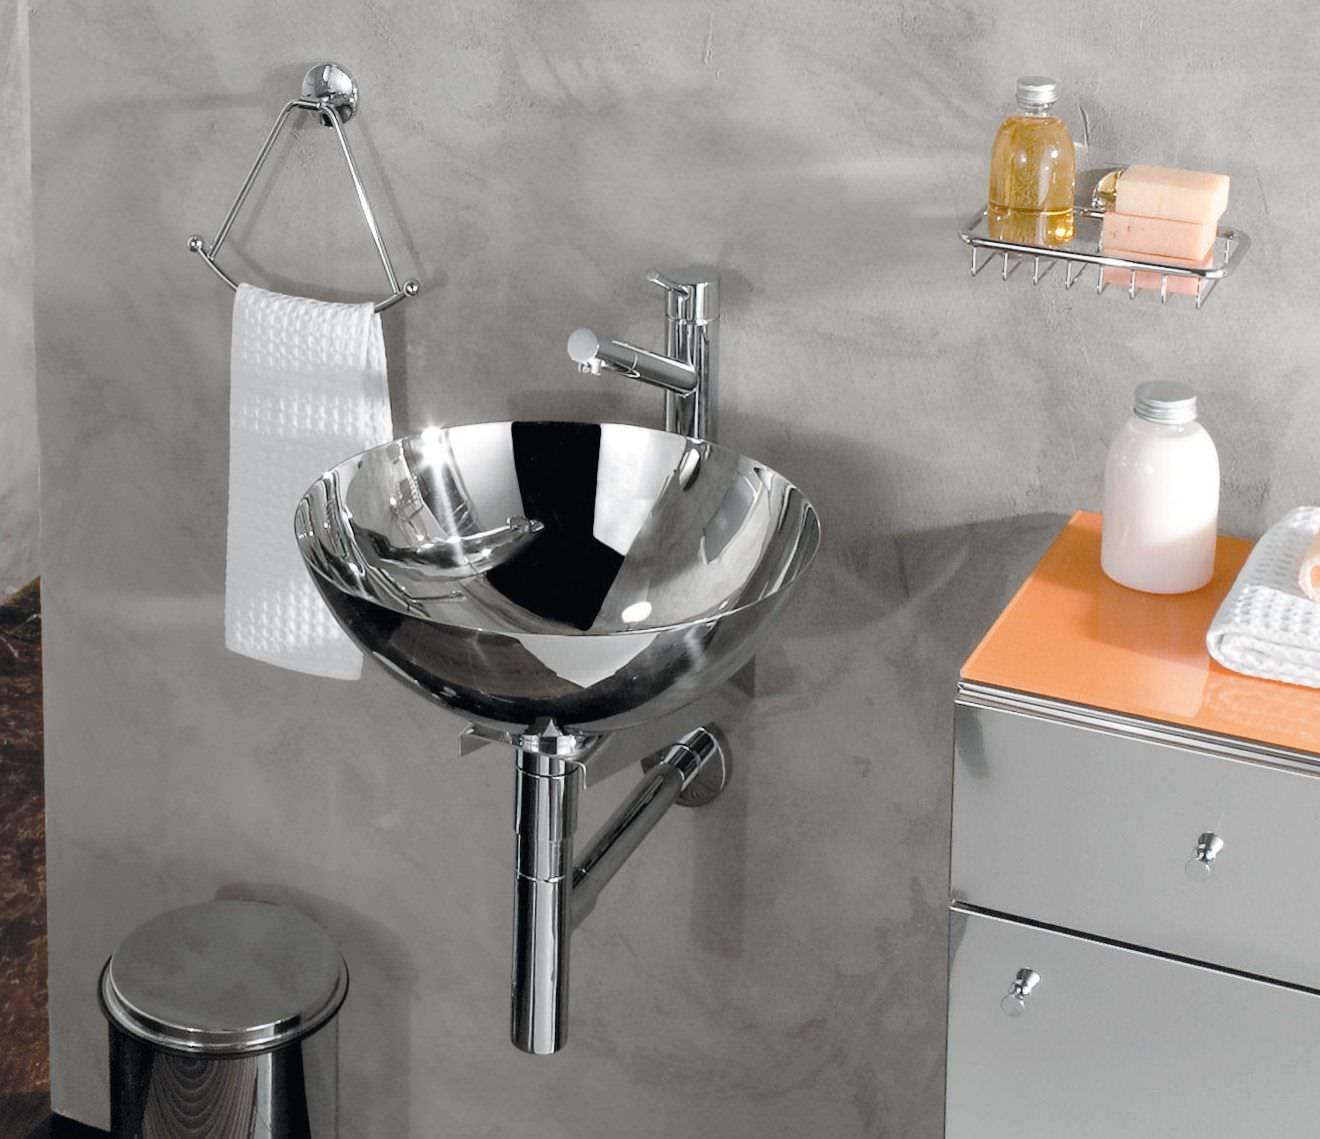 Tipos de lavabos seg n su material y tipolog a for Como hacer lavabos